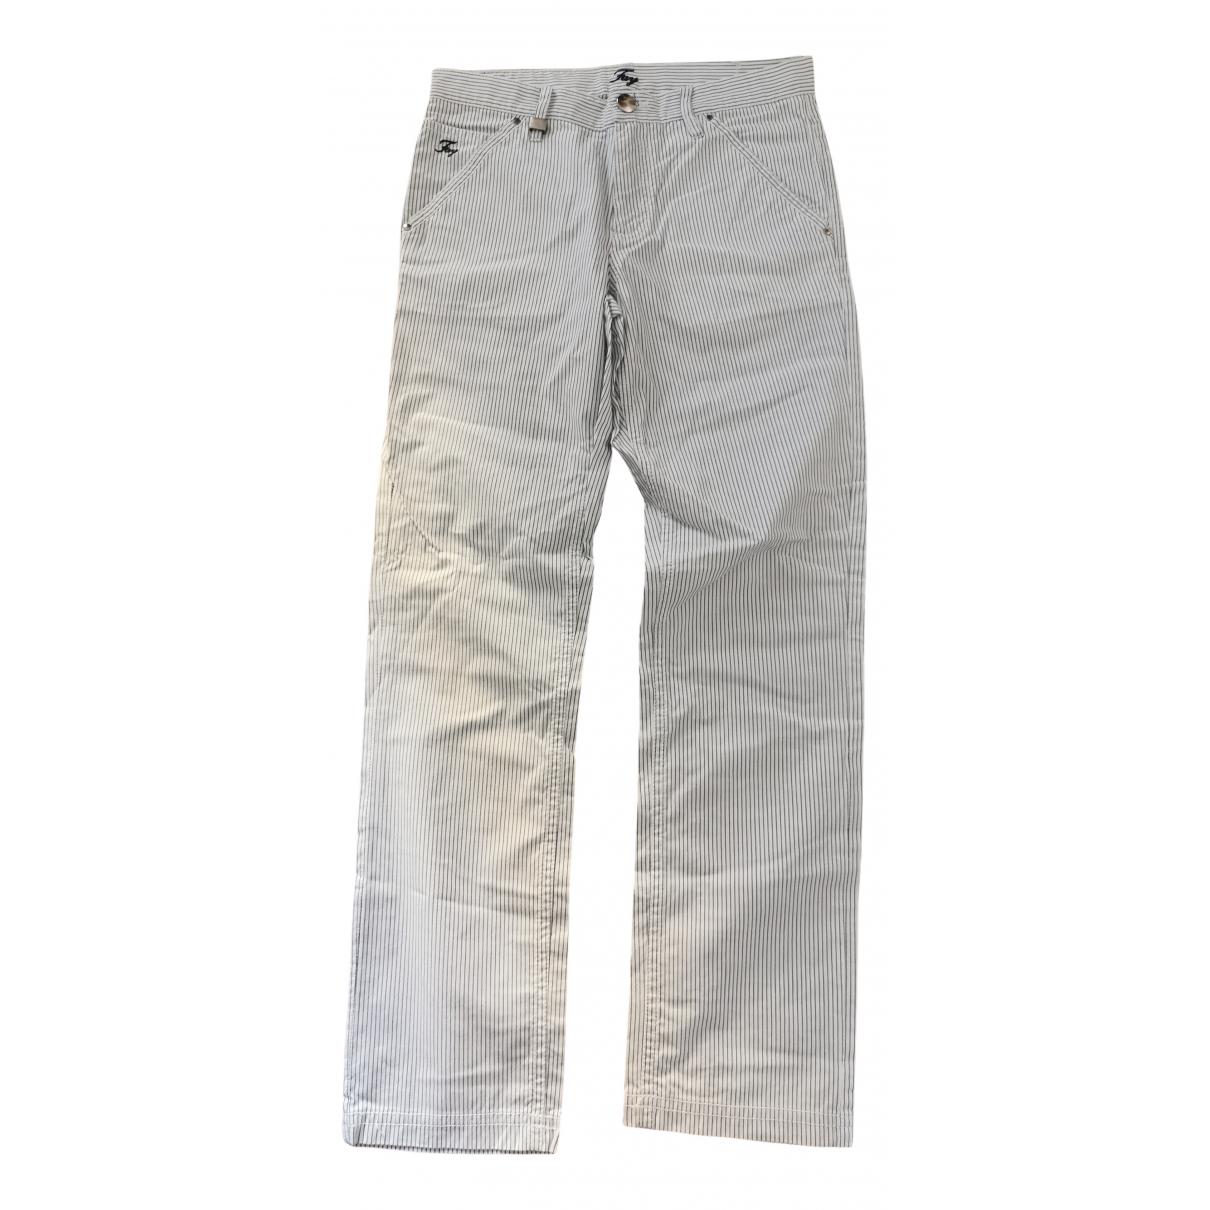 Fay - Pantalon   pour enfant en coton - multicolore